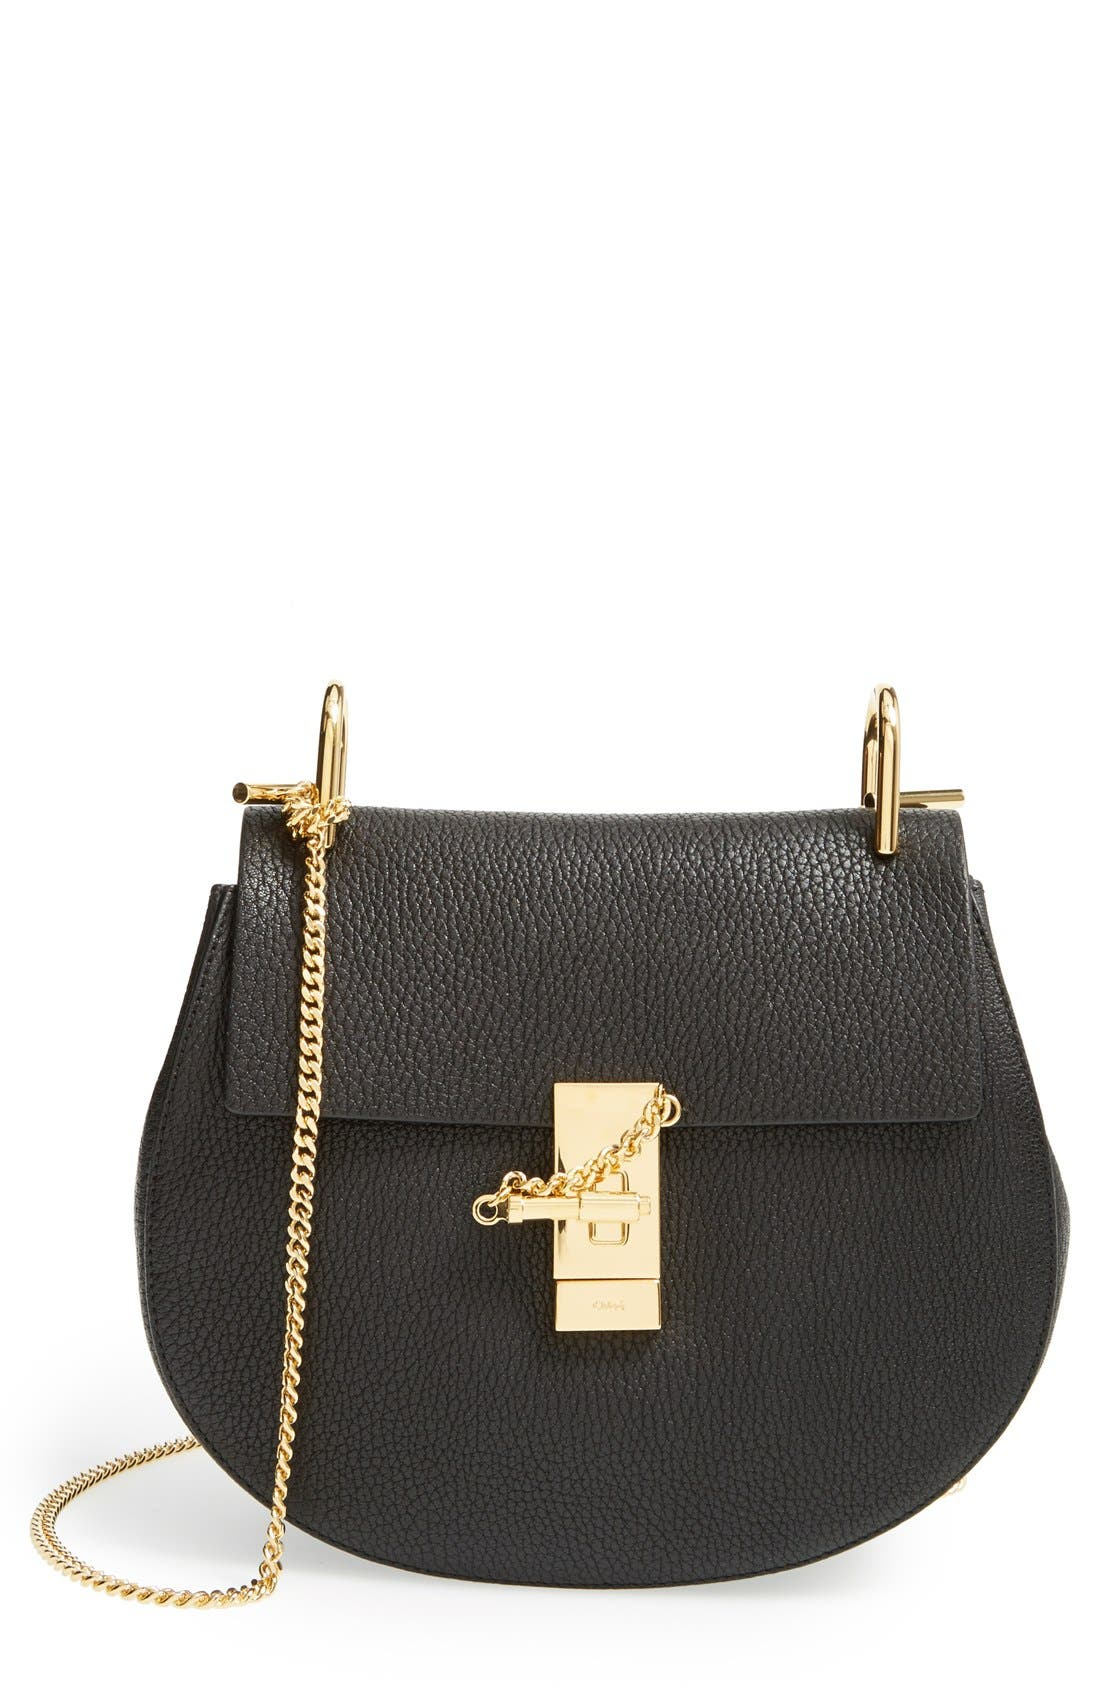 Main Image - Chloé Drew Leather Shoulder Bag